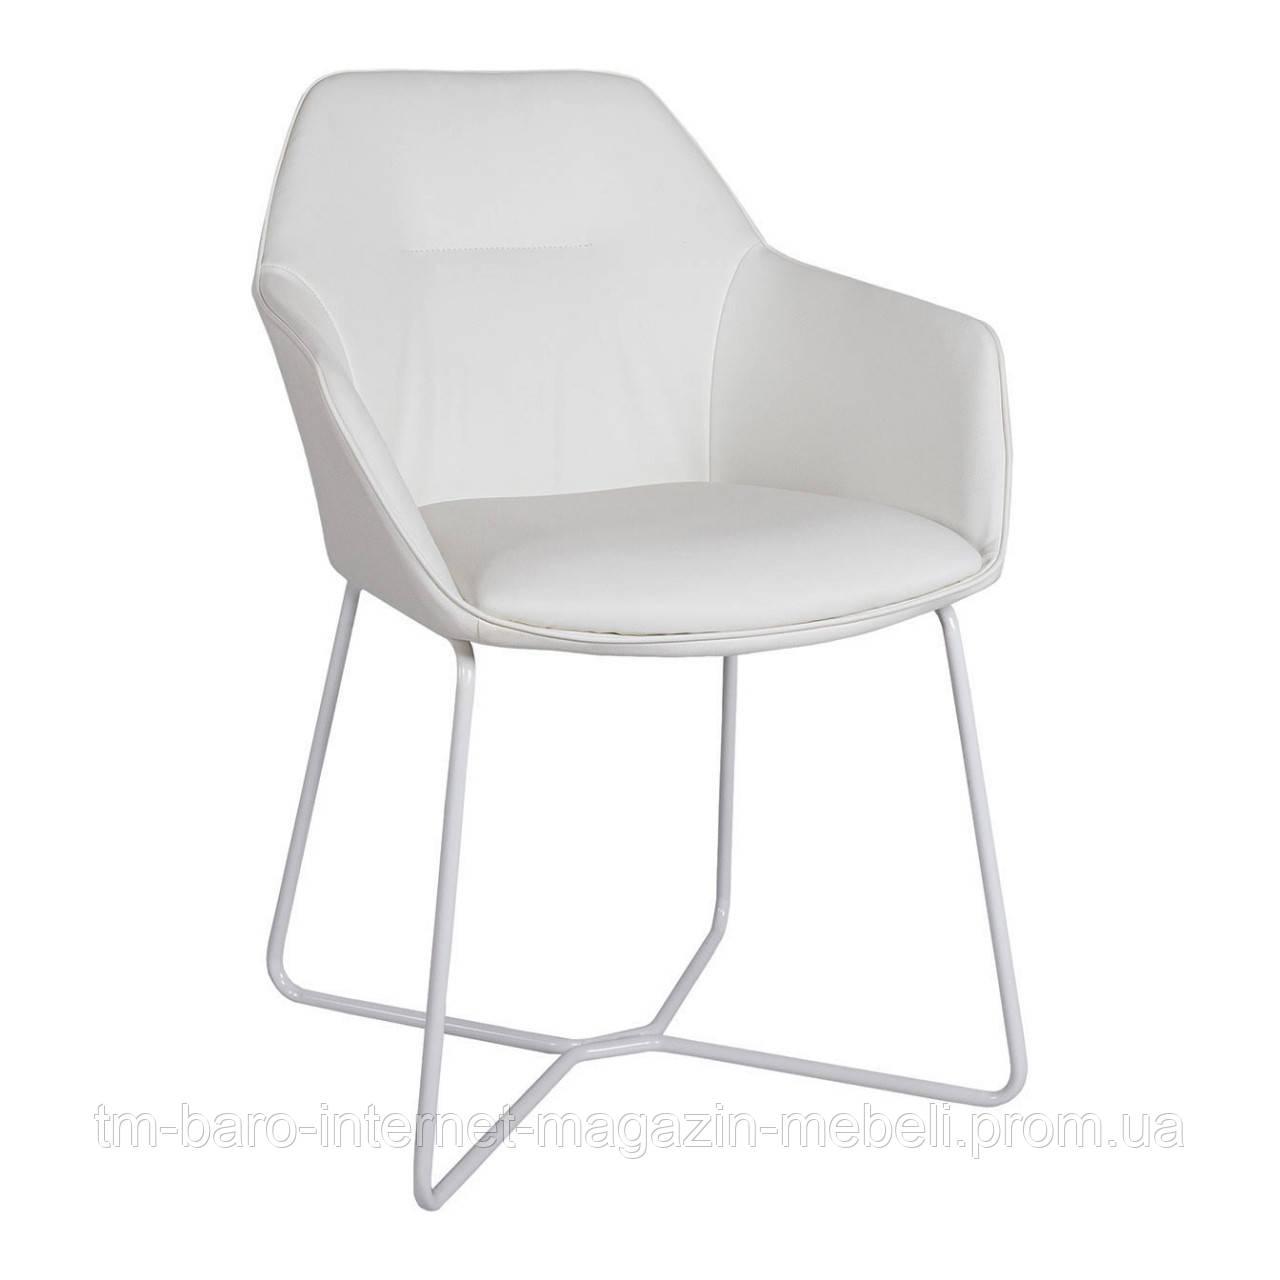 Кресло LAREDO (610*620*880) w белый, Nicolas